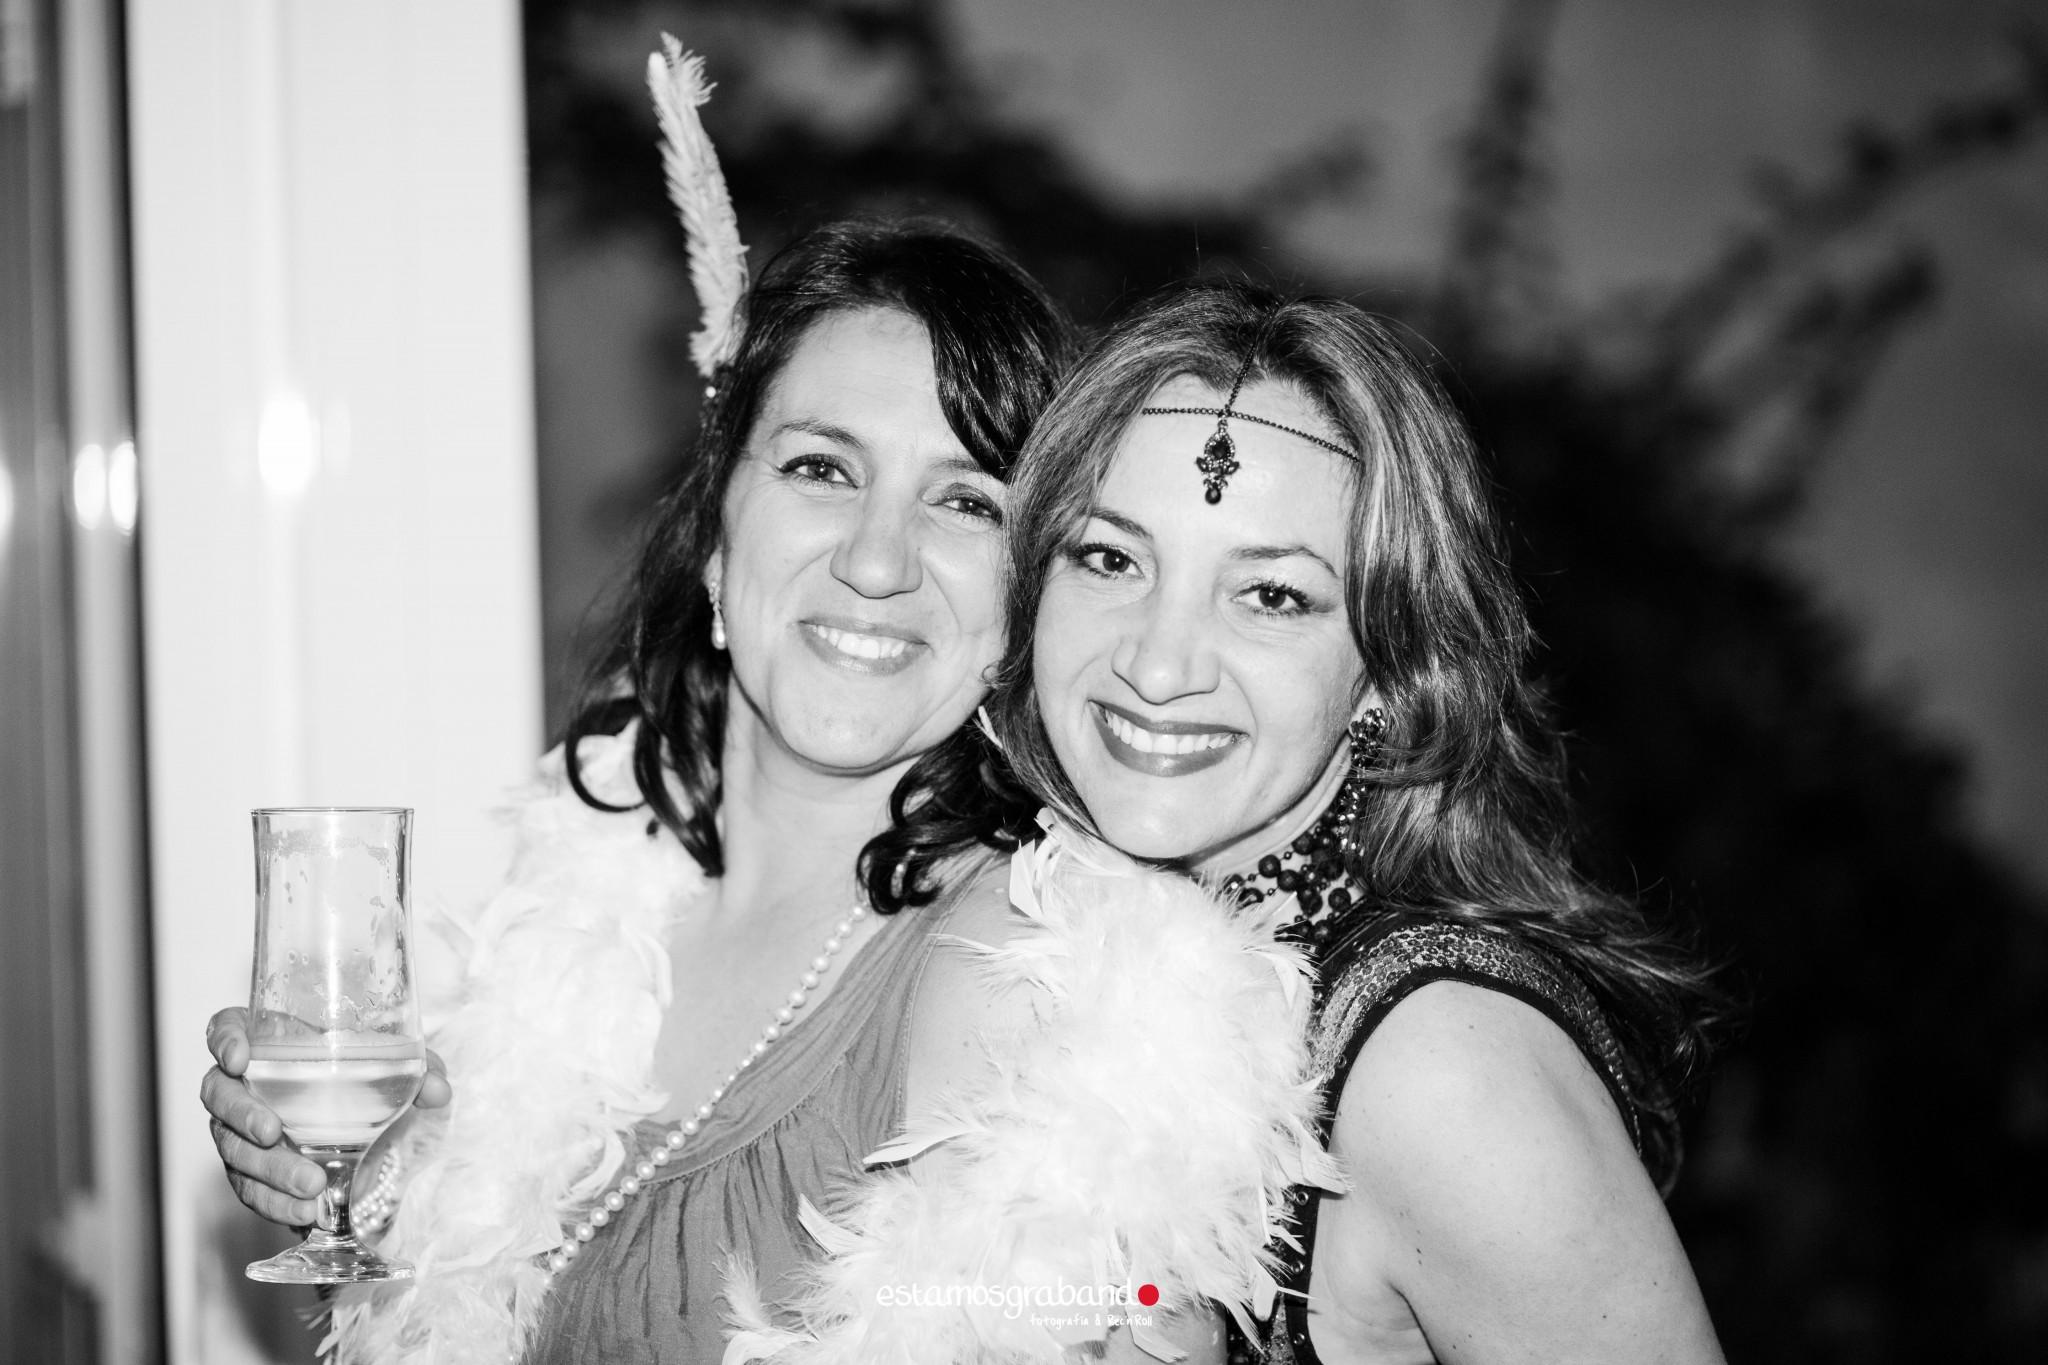 Años-20-BBTP-31-de-109 Los locos Años 20 [Fotografía en La Teta de Julieta, Cádiz] - video boda cadiz